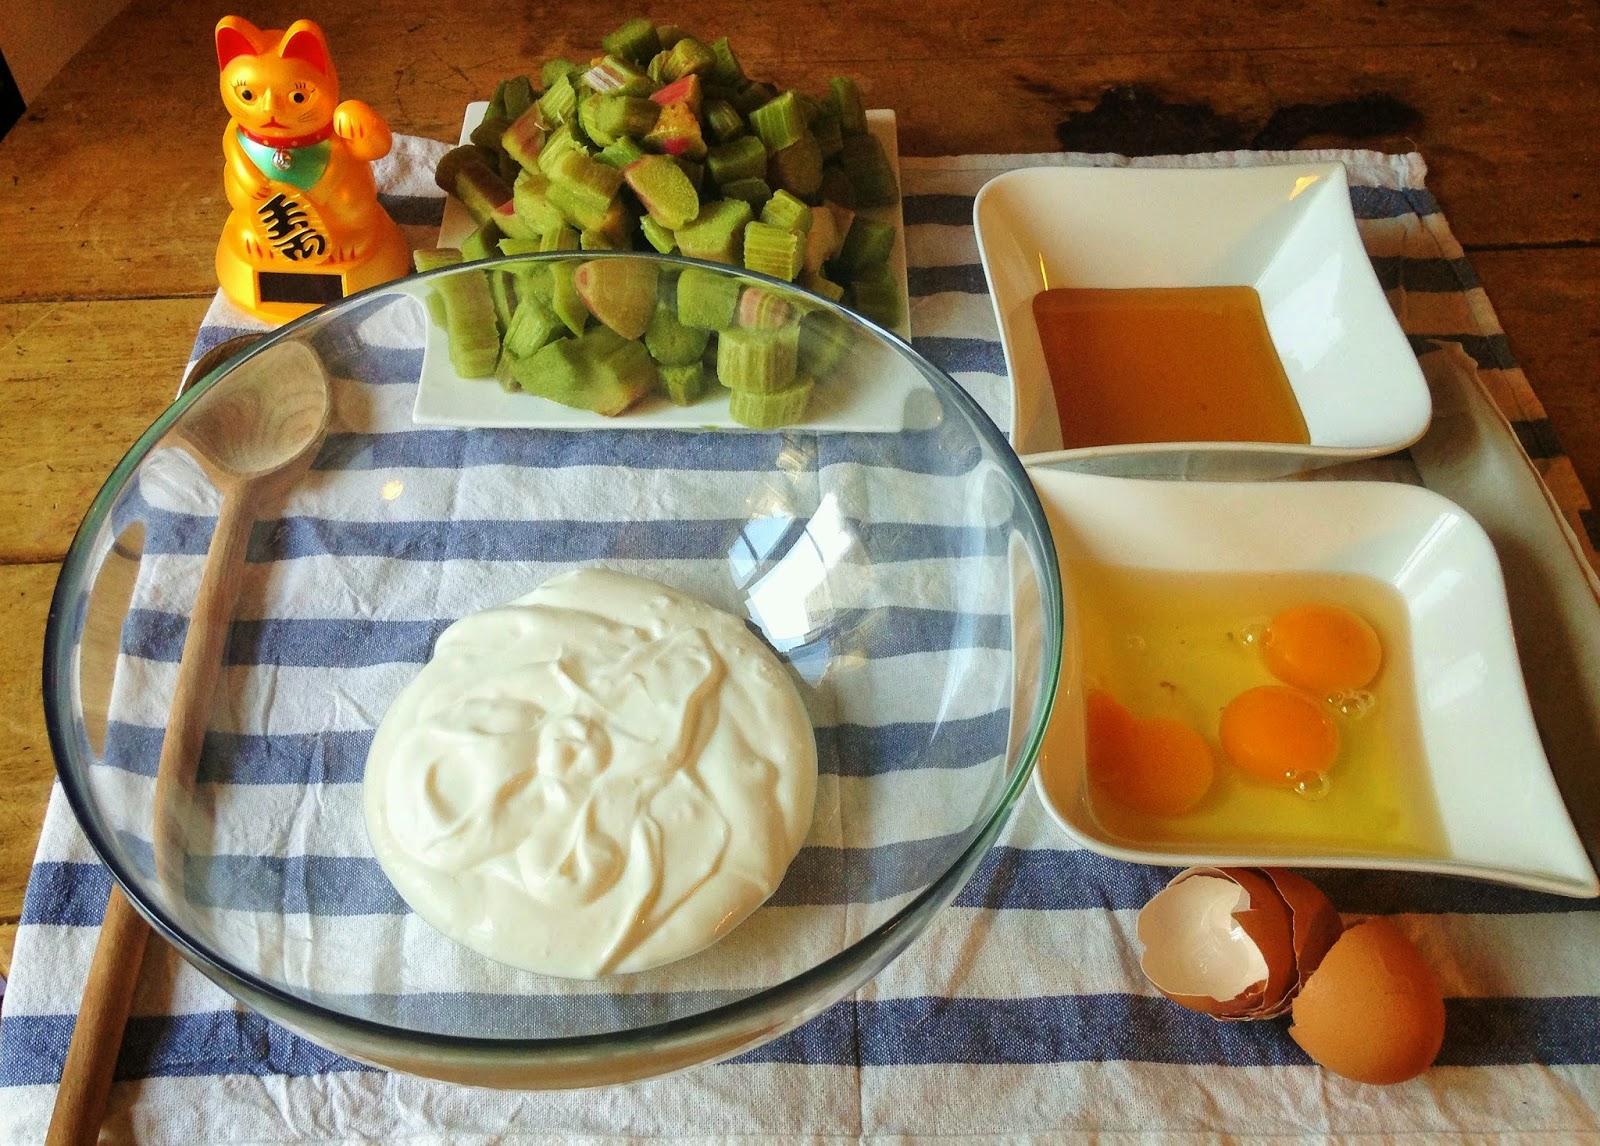 la laiterie de paris tarte la rhubarbe au miel et au fromage blanc de ch vre. Black Bedroom Furniture Sets. Home Design Ideas